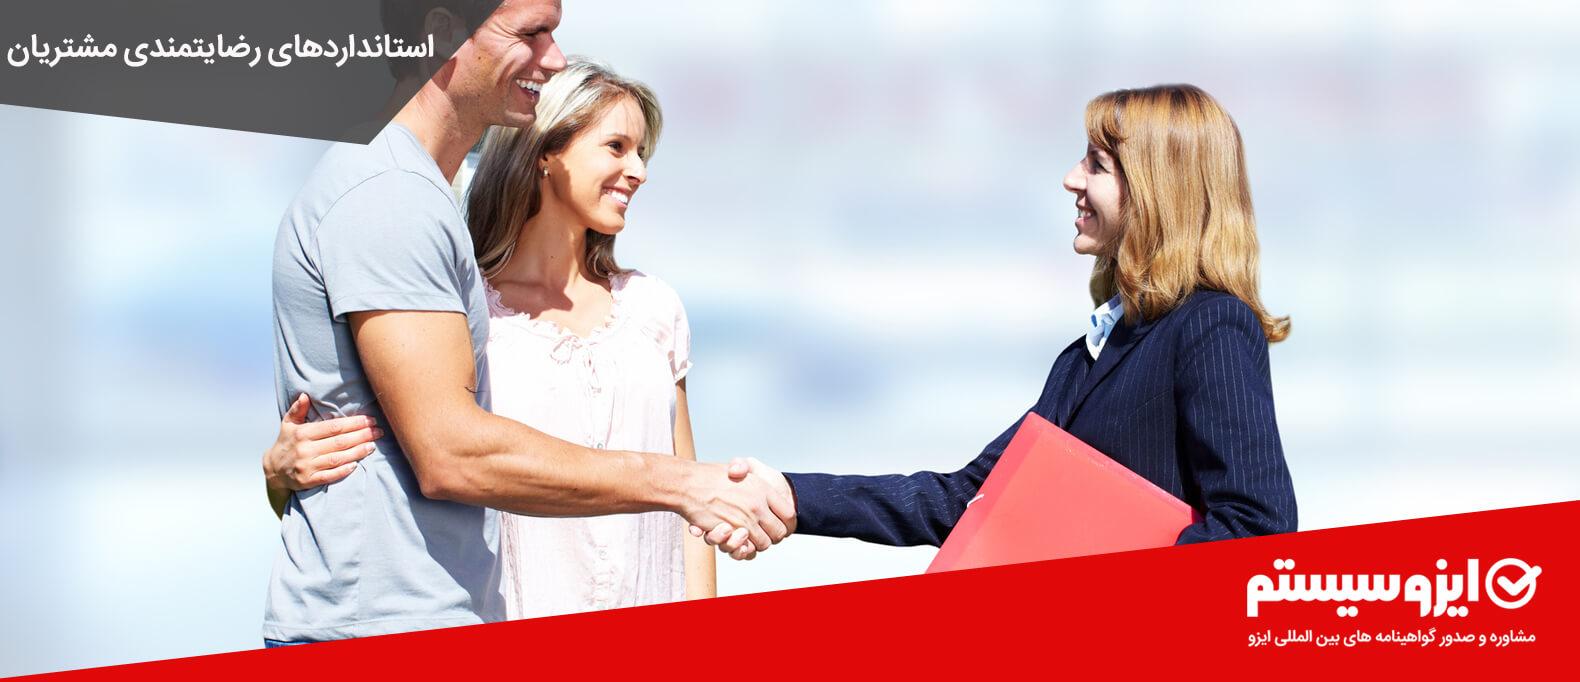 آشنایی با سری استانداردهای ایزو رضایتمندی مشتری ( ایزو 10001 ، ایزو 10002 ، ایزو 10003 و ایزو 10004 )